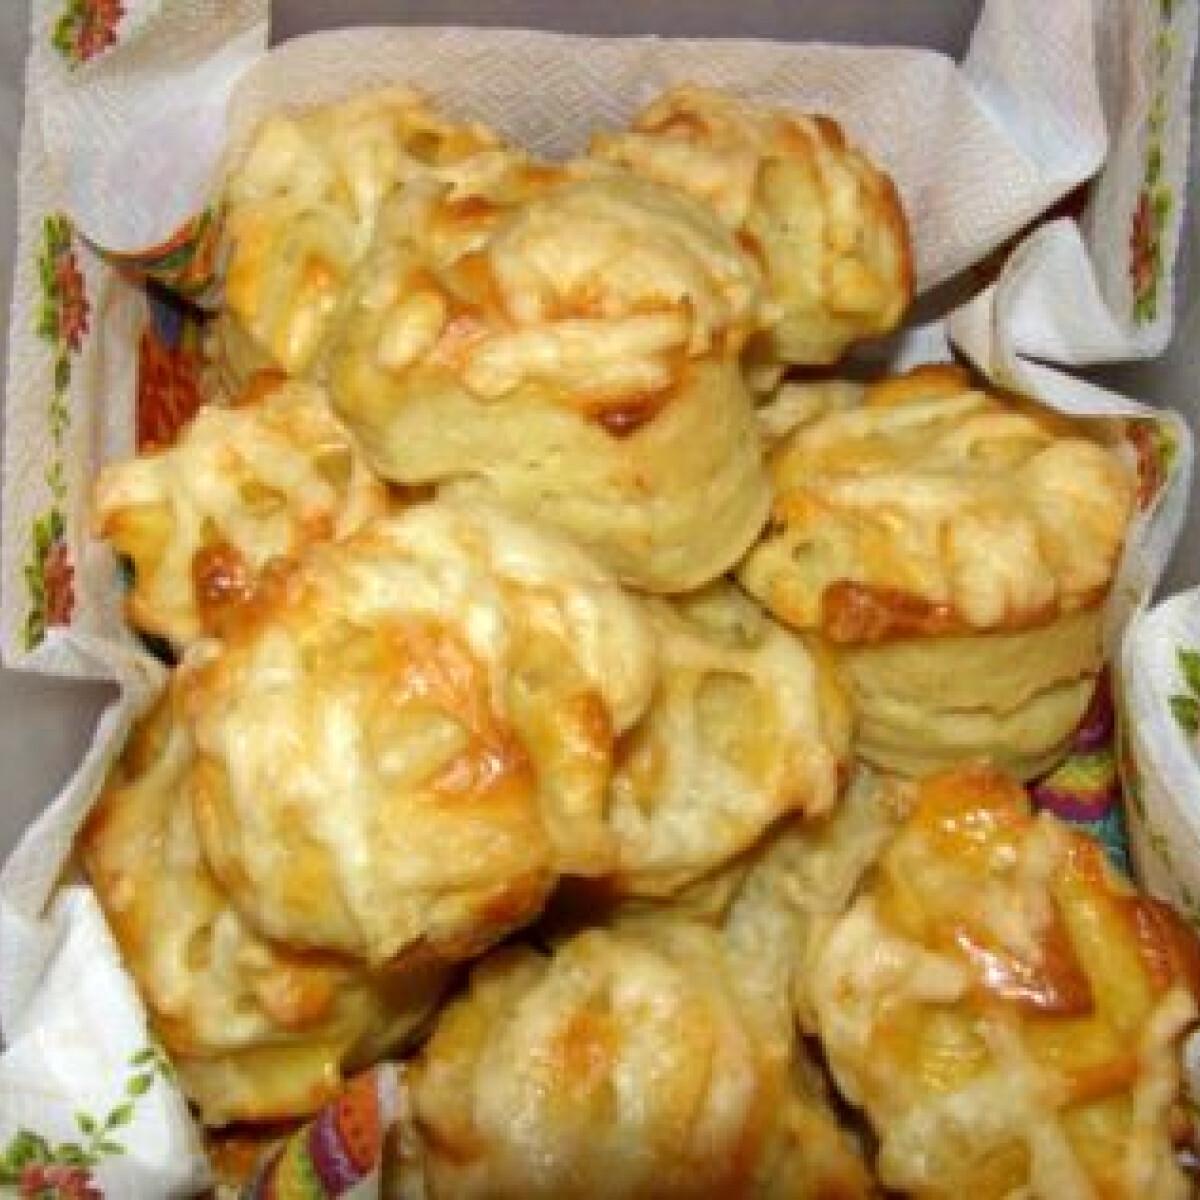 Sajtos-túrós pogácsa keNoe konyhájából